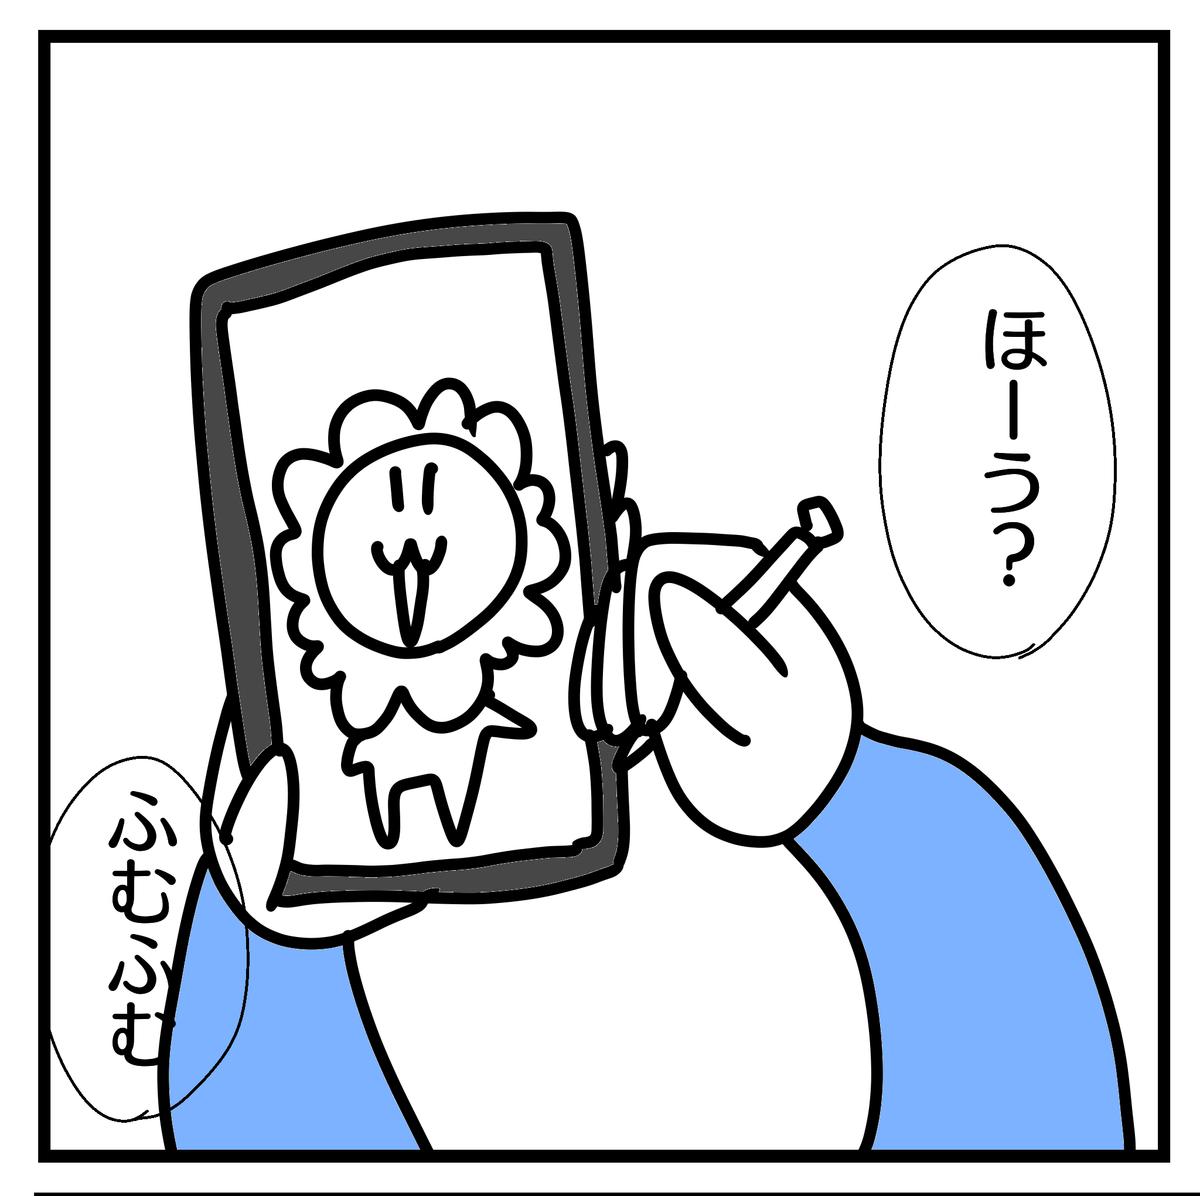 f:id:YuruFuwaTa:20200713151055p:plain